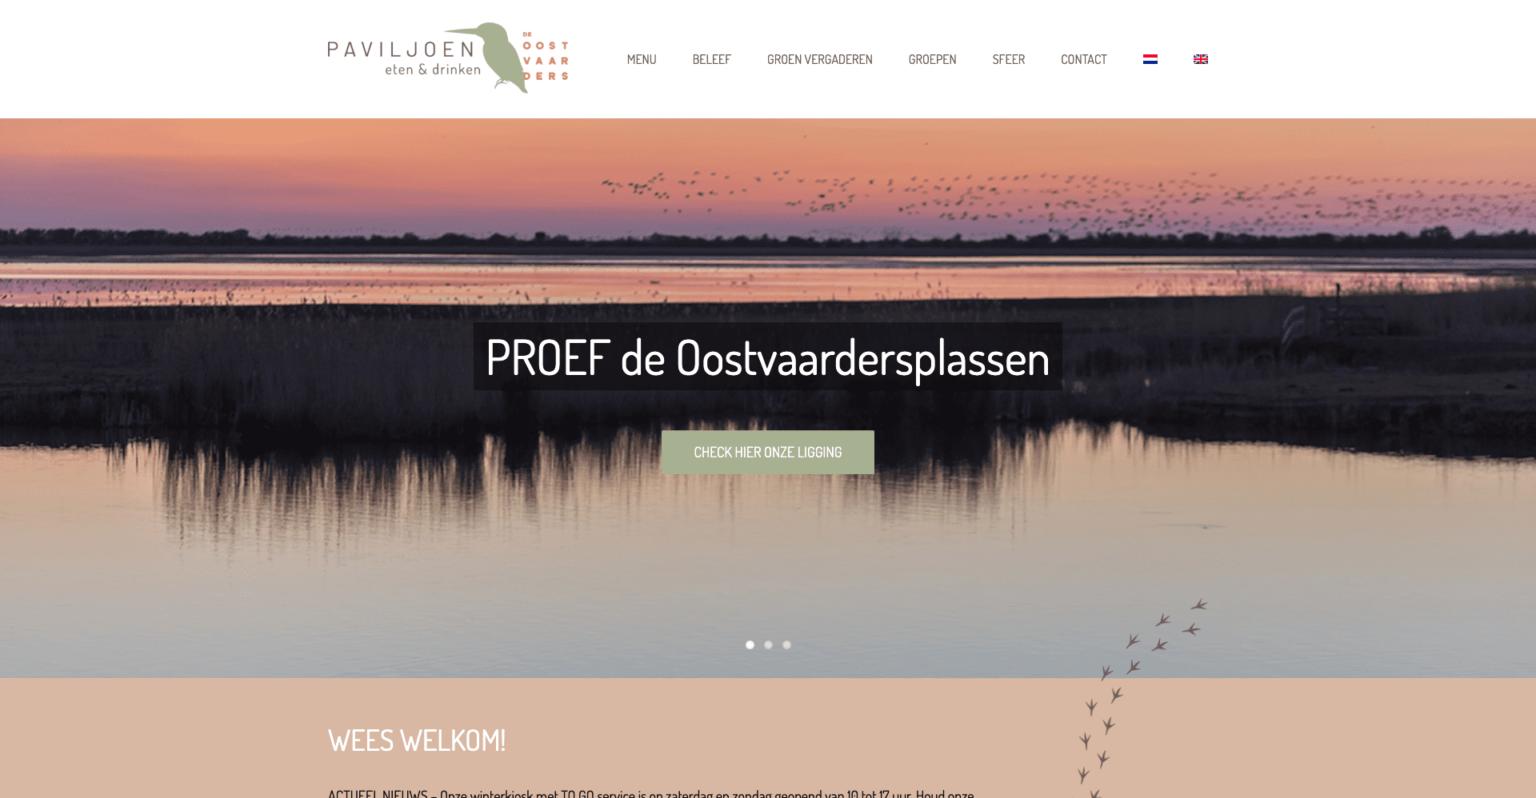 Paviljoen Oostvaarders | Go2People Websites